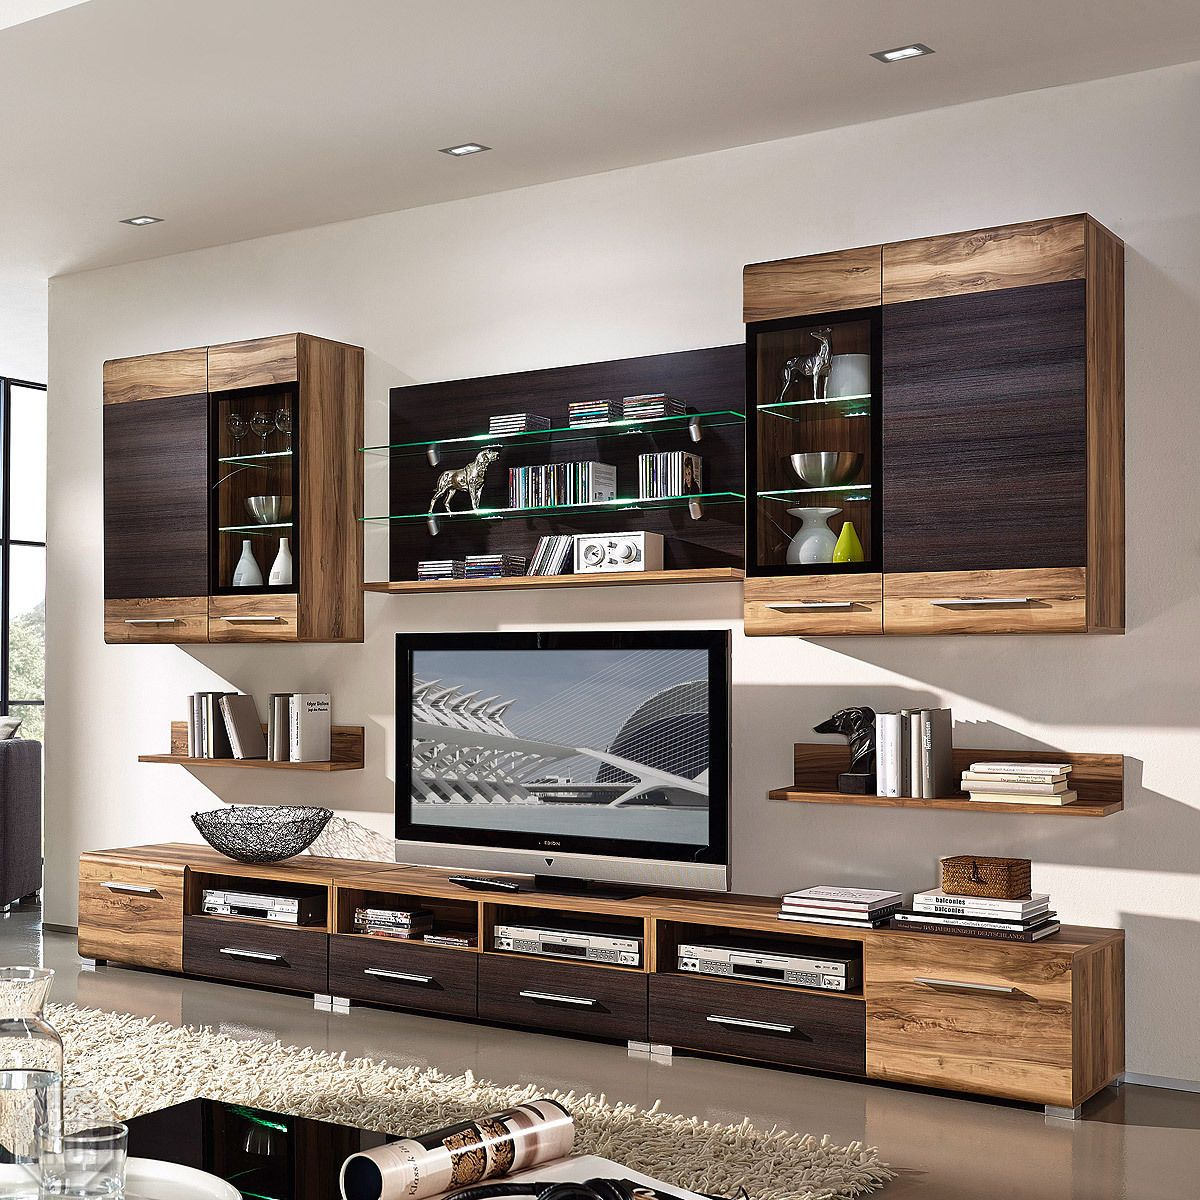 Anbauwand ebay for Wohnzimmermobel klassisch